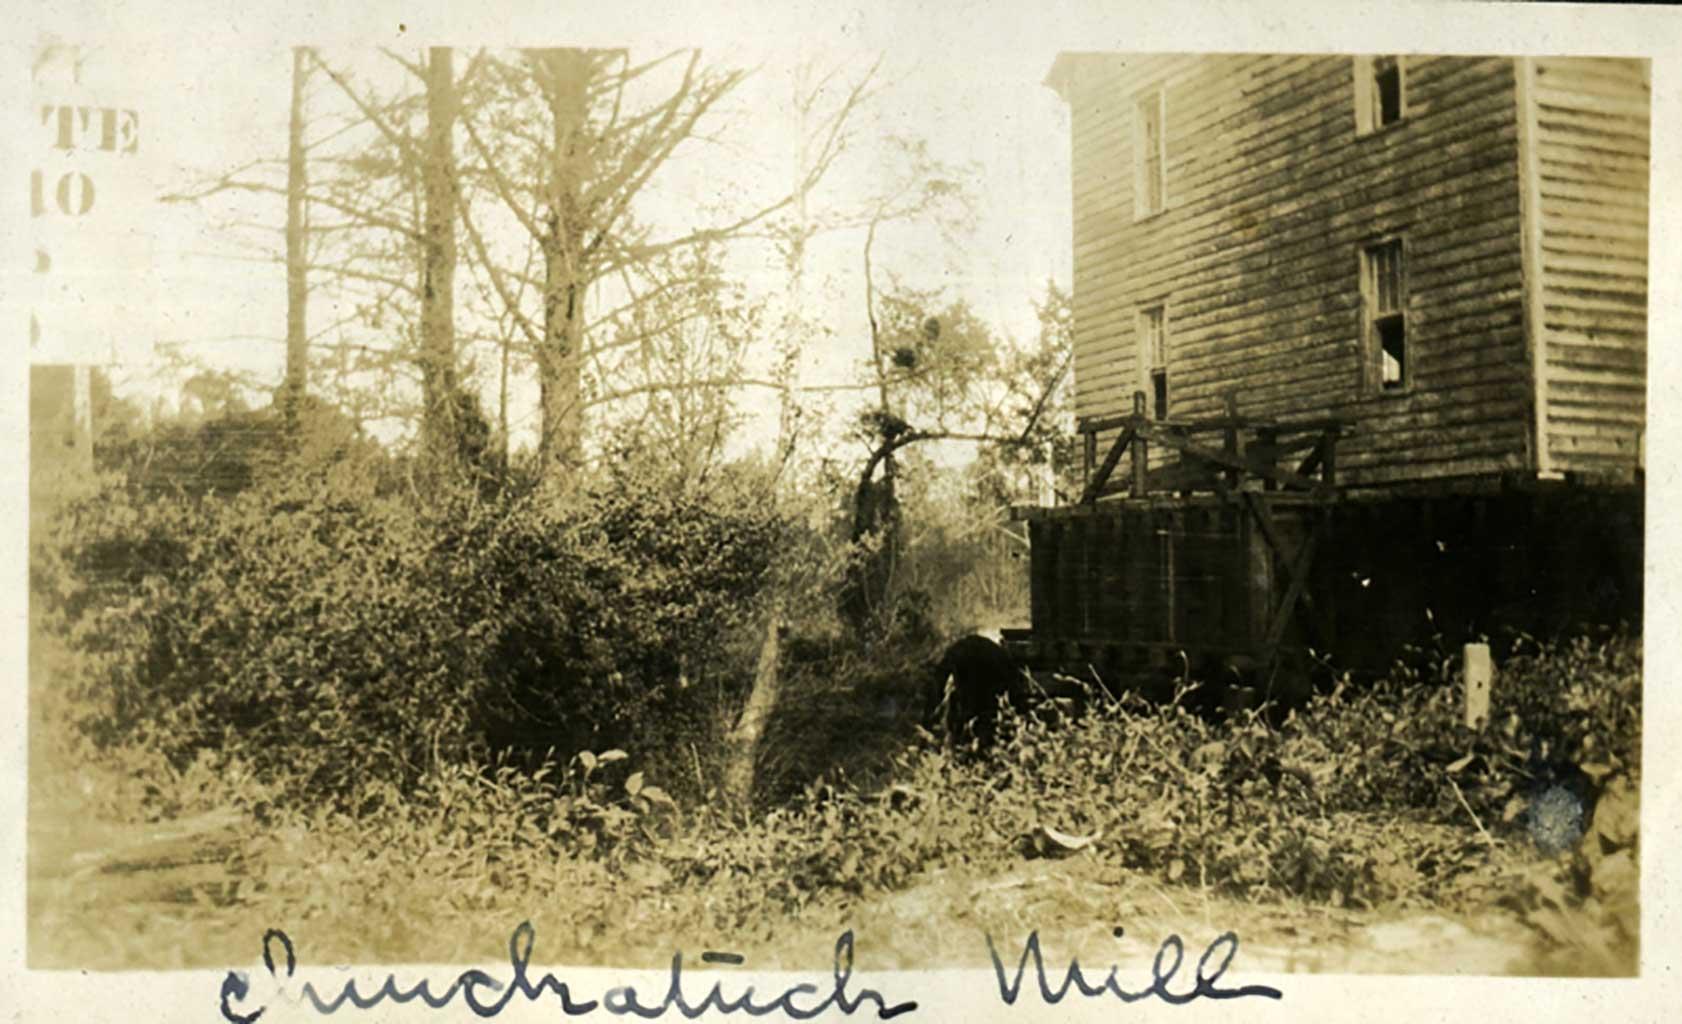 chuckatuck-mill-keen-farmer-collection-7-15-2010-6-52-03-pm-1774x1081